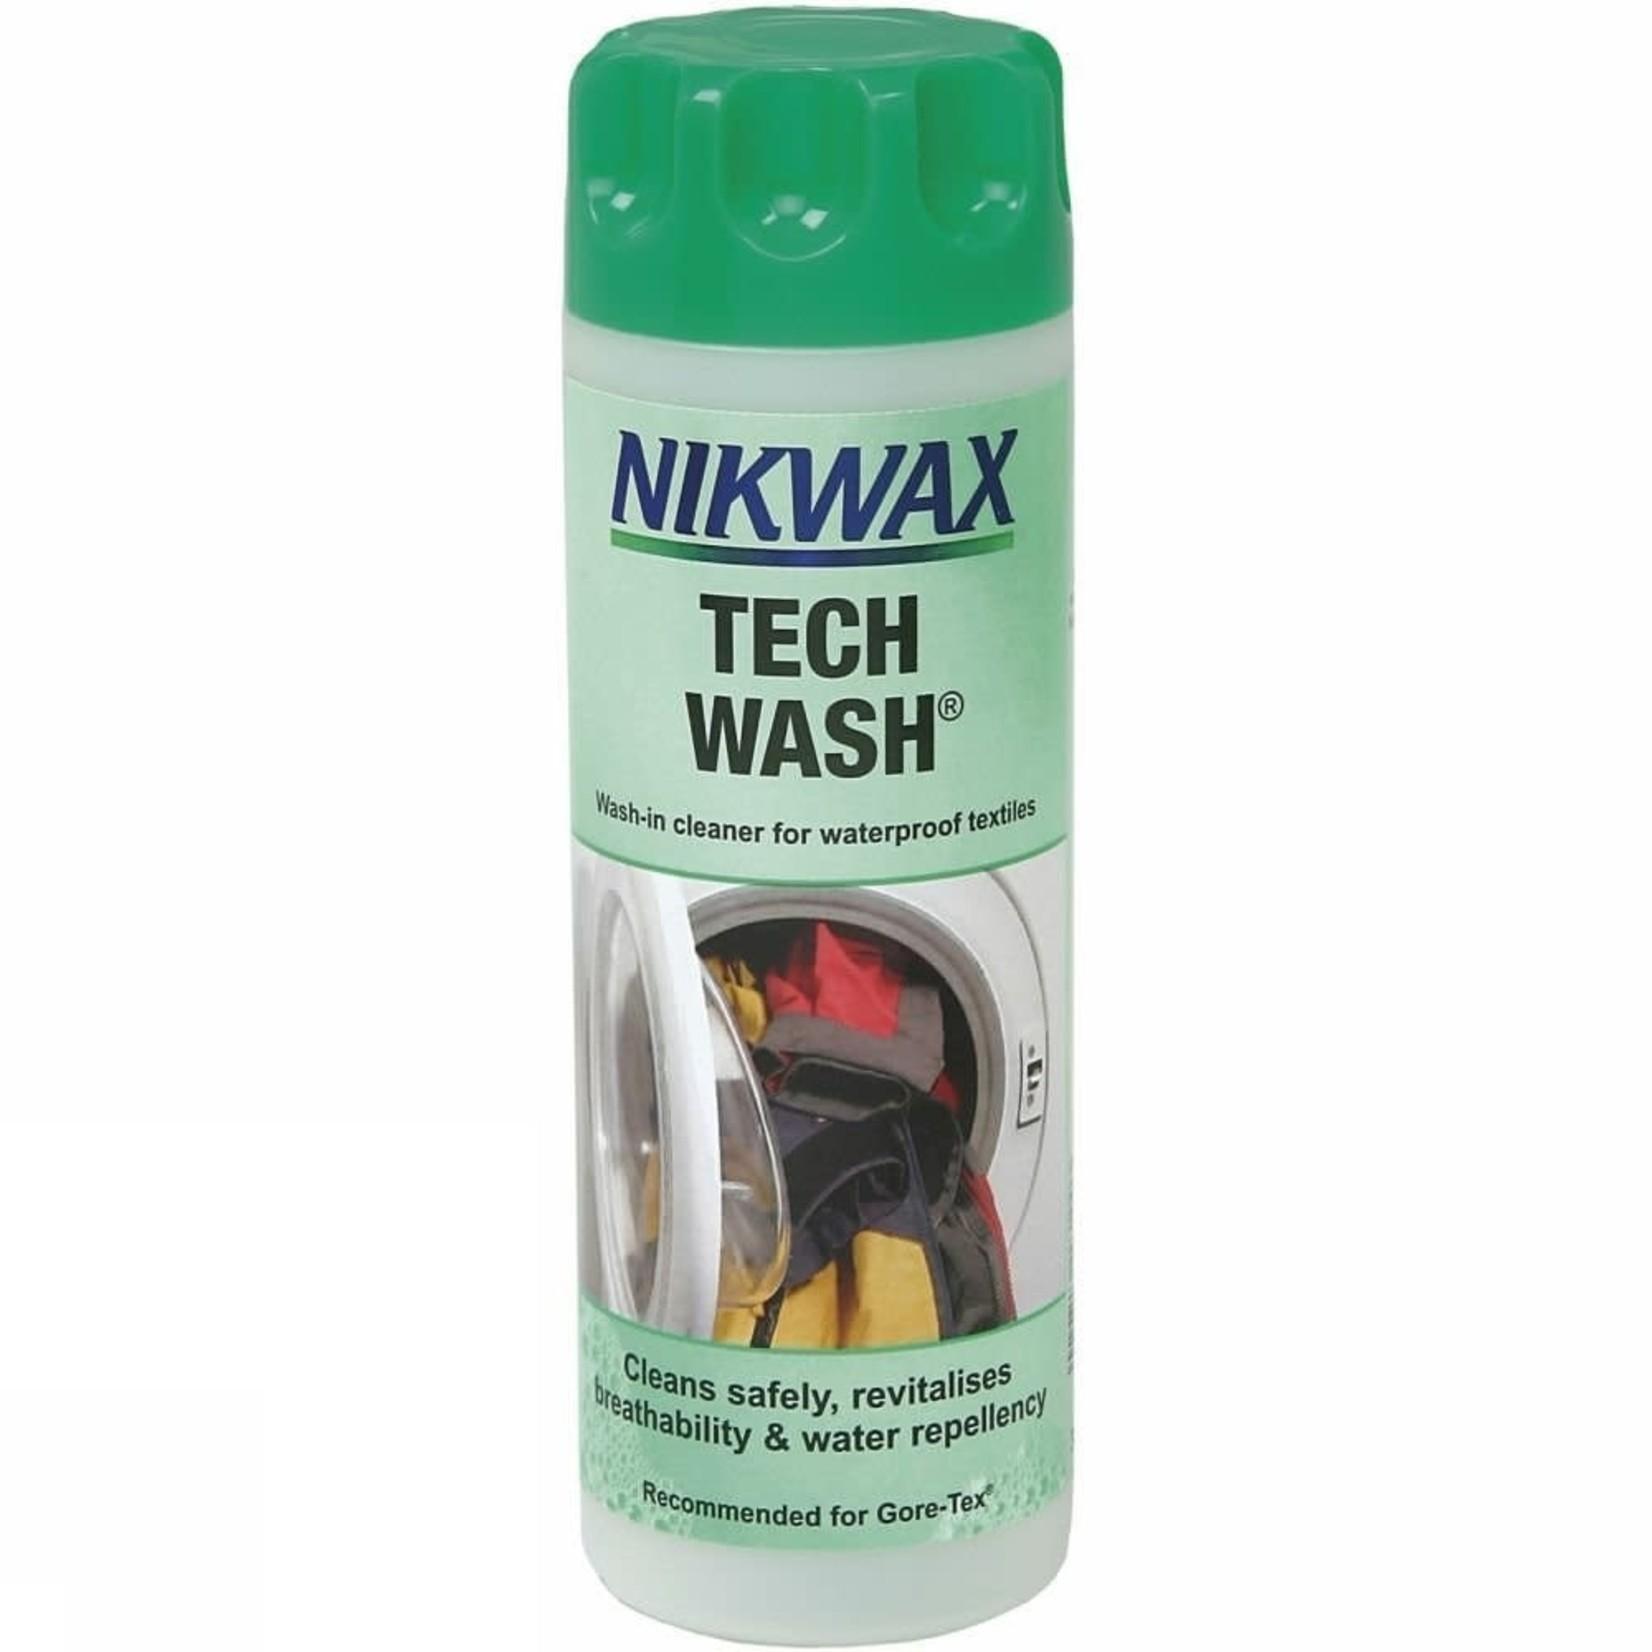 Nikwax NikWax techwash